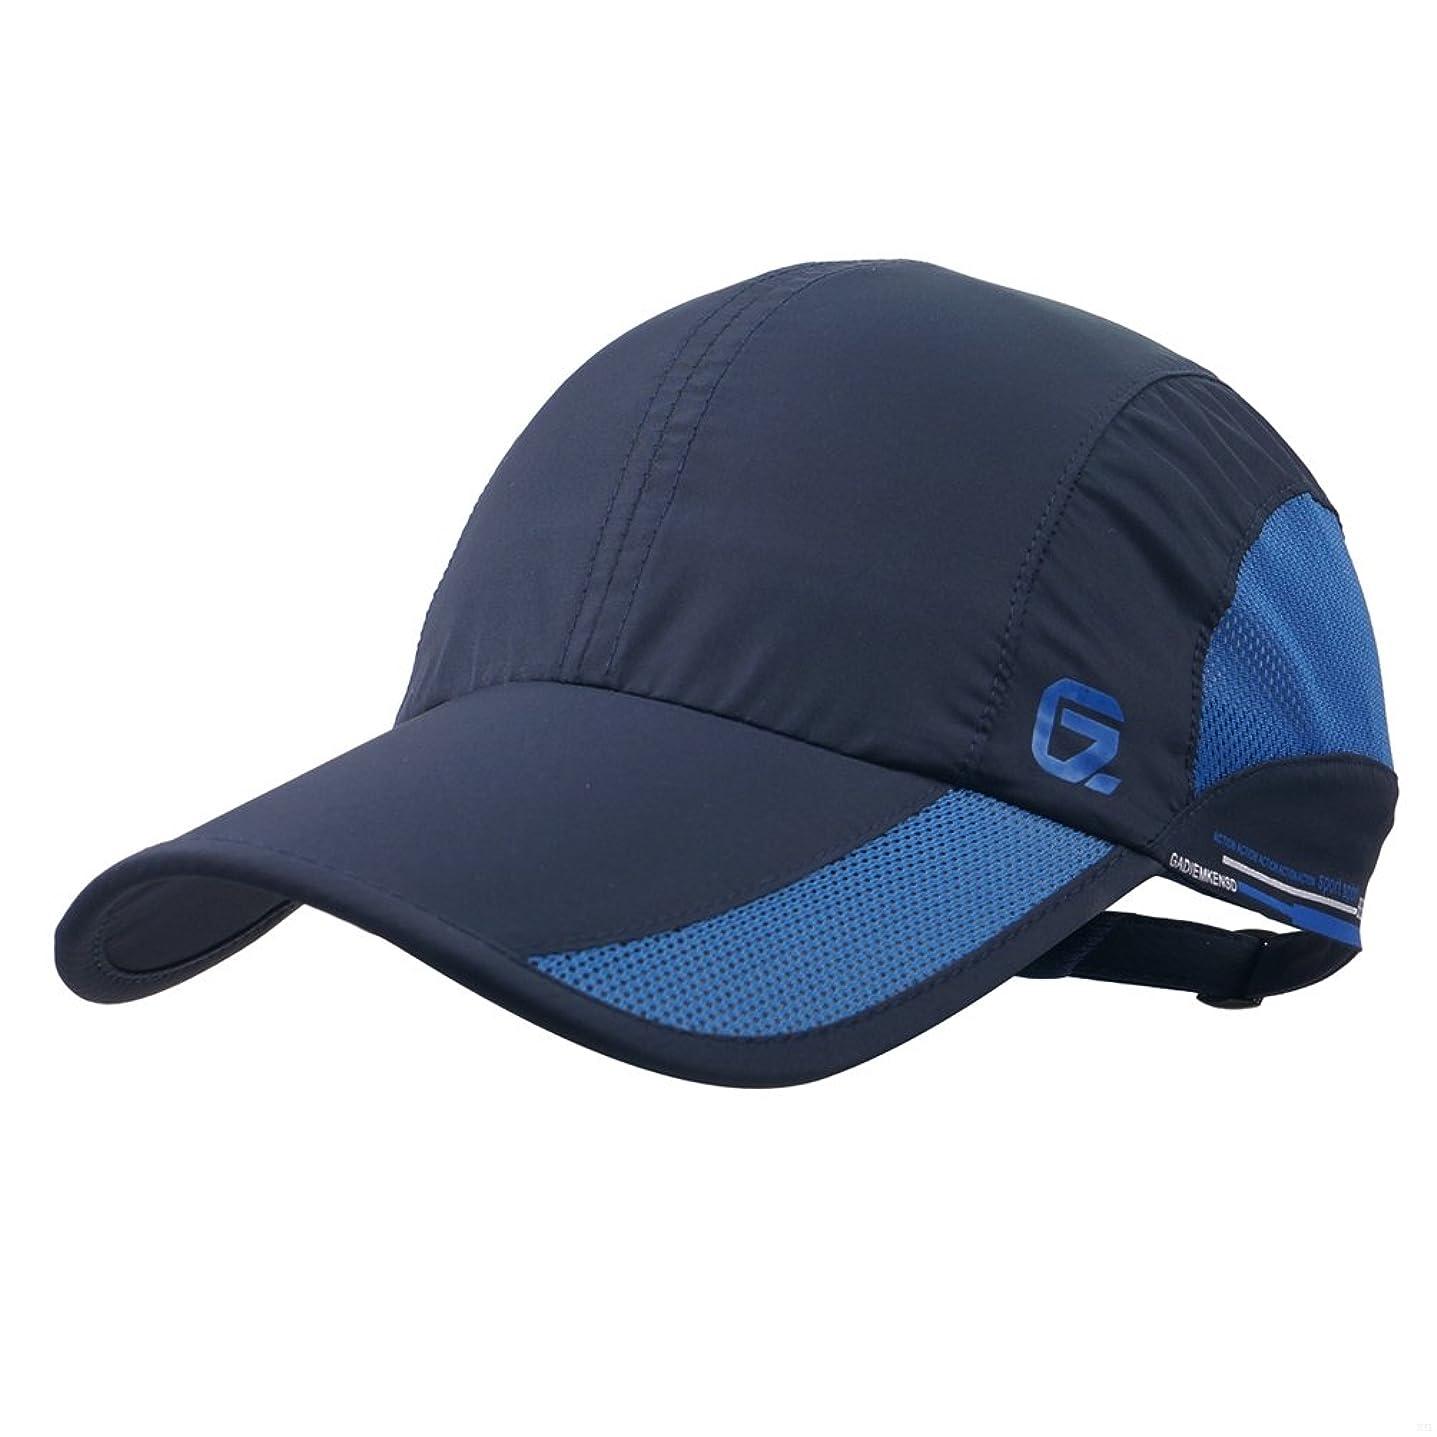 パパ歴史的ライムGADIEMENSS 運動 スポーツ帽子 野球 釣り 遠足 活動帽子 柔らかい 速乾性 通気性